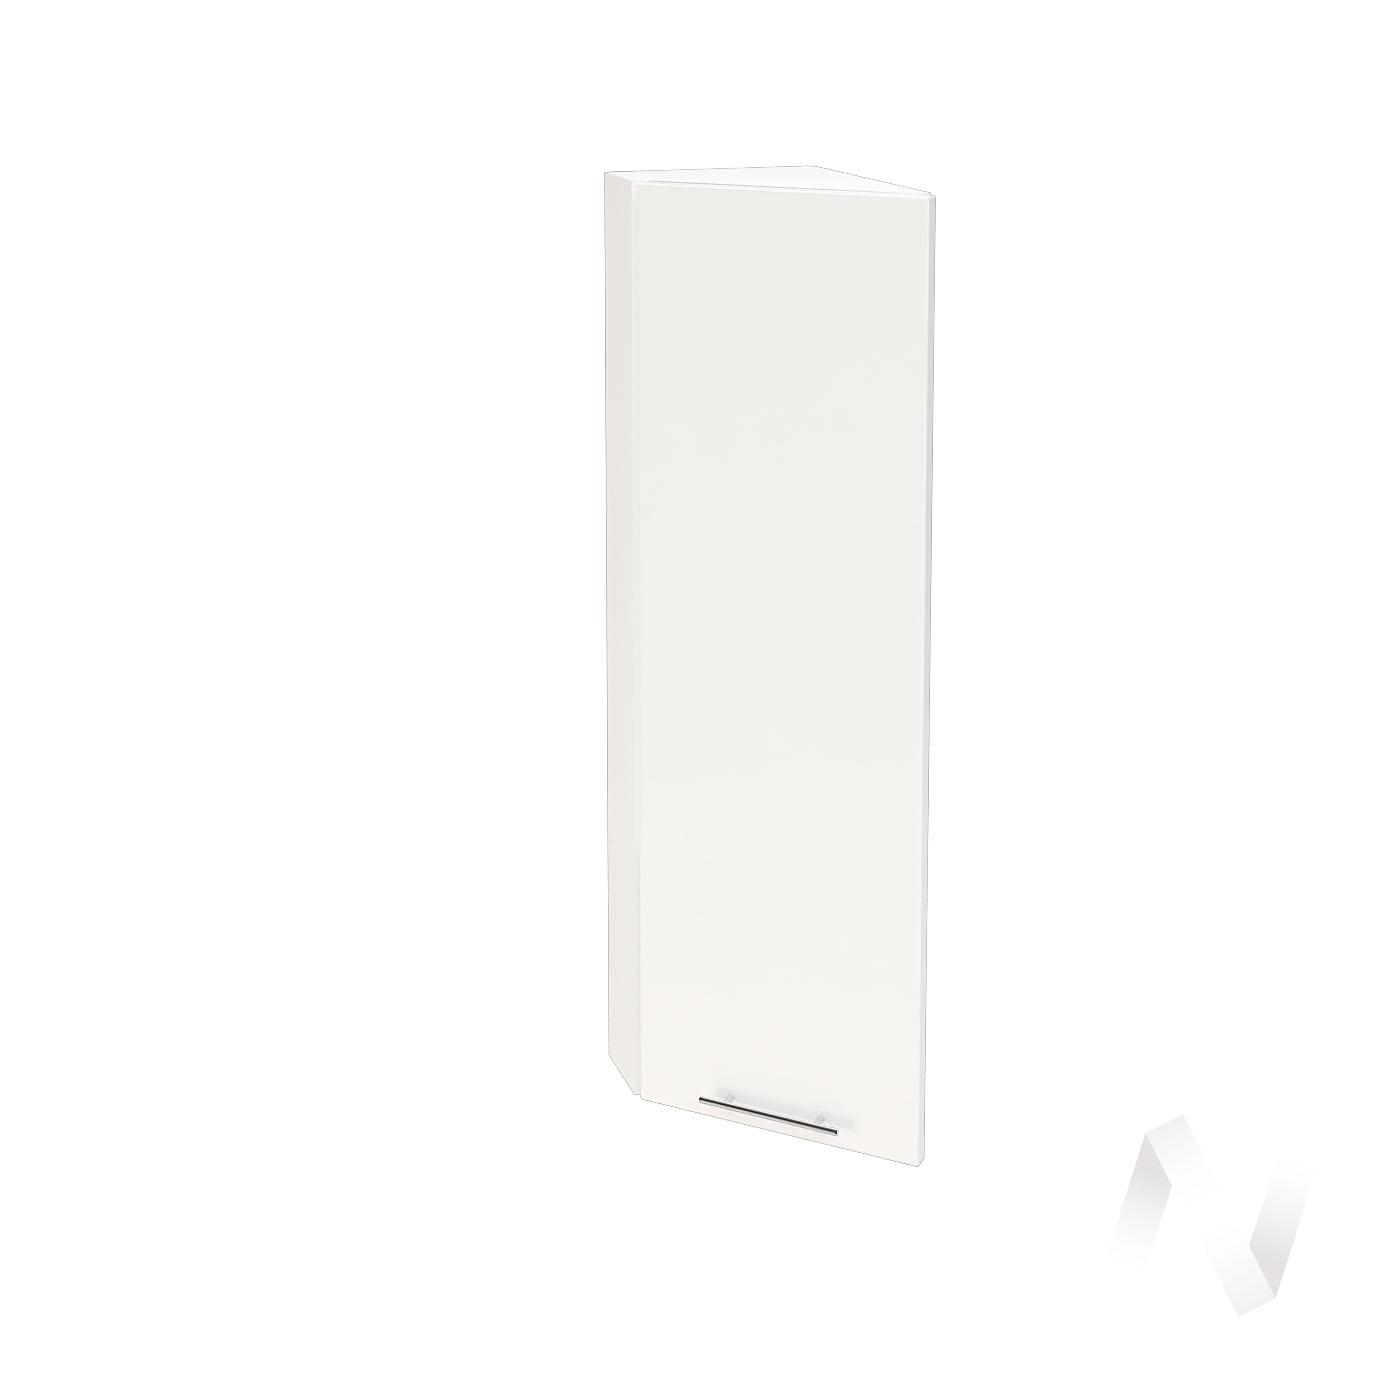 """Кухня """"Валерия-М"""": Шкаф верхний торцевой 224Н, ШВТ 224Н (белый глянец/корпус белый)"""